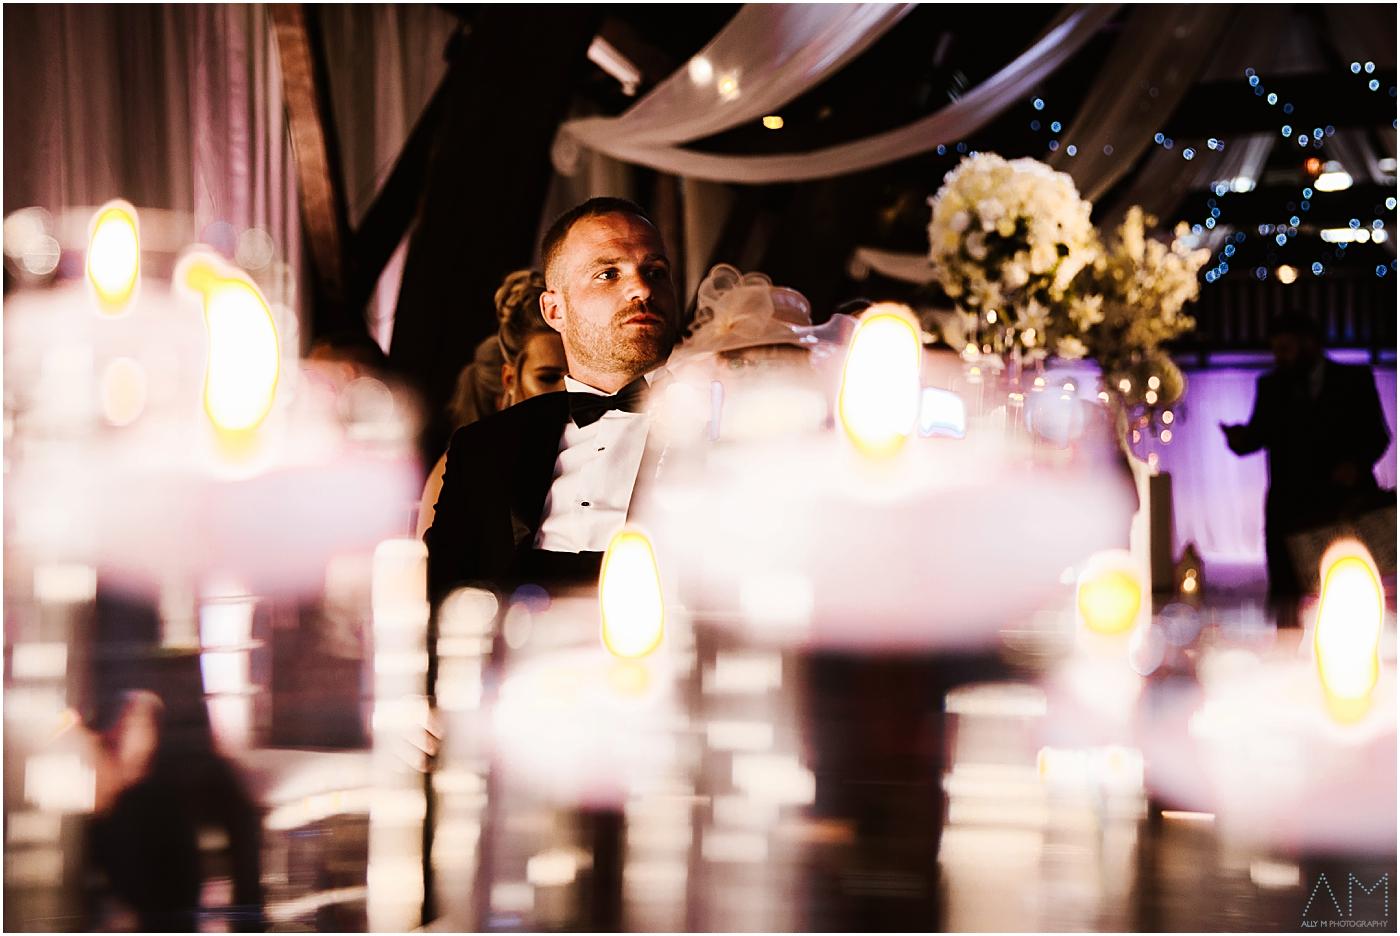 groom by cadle light